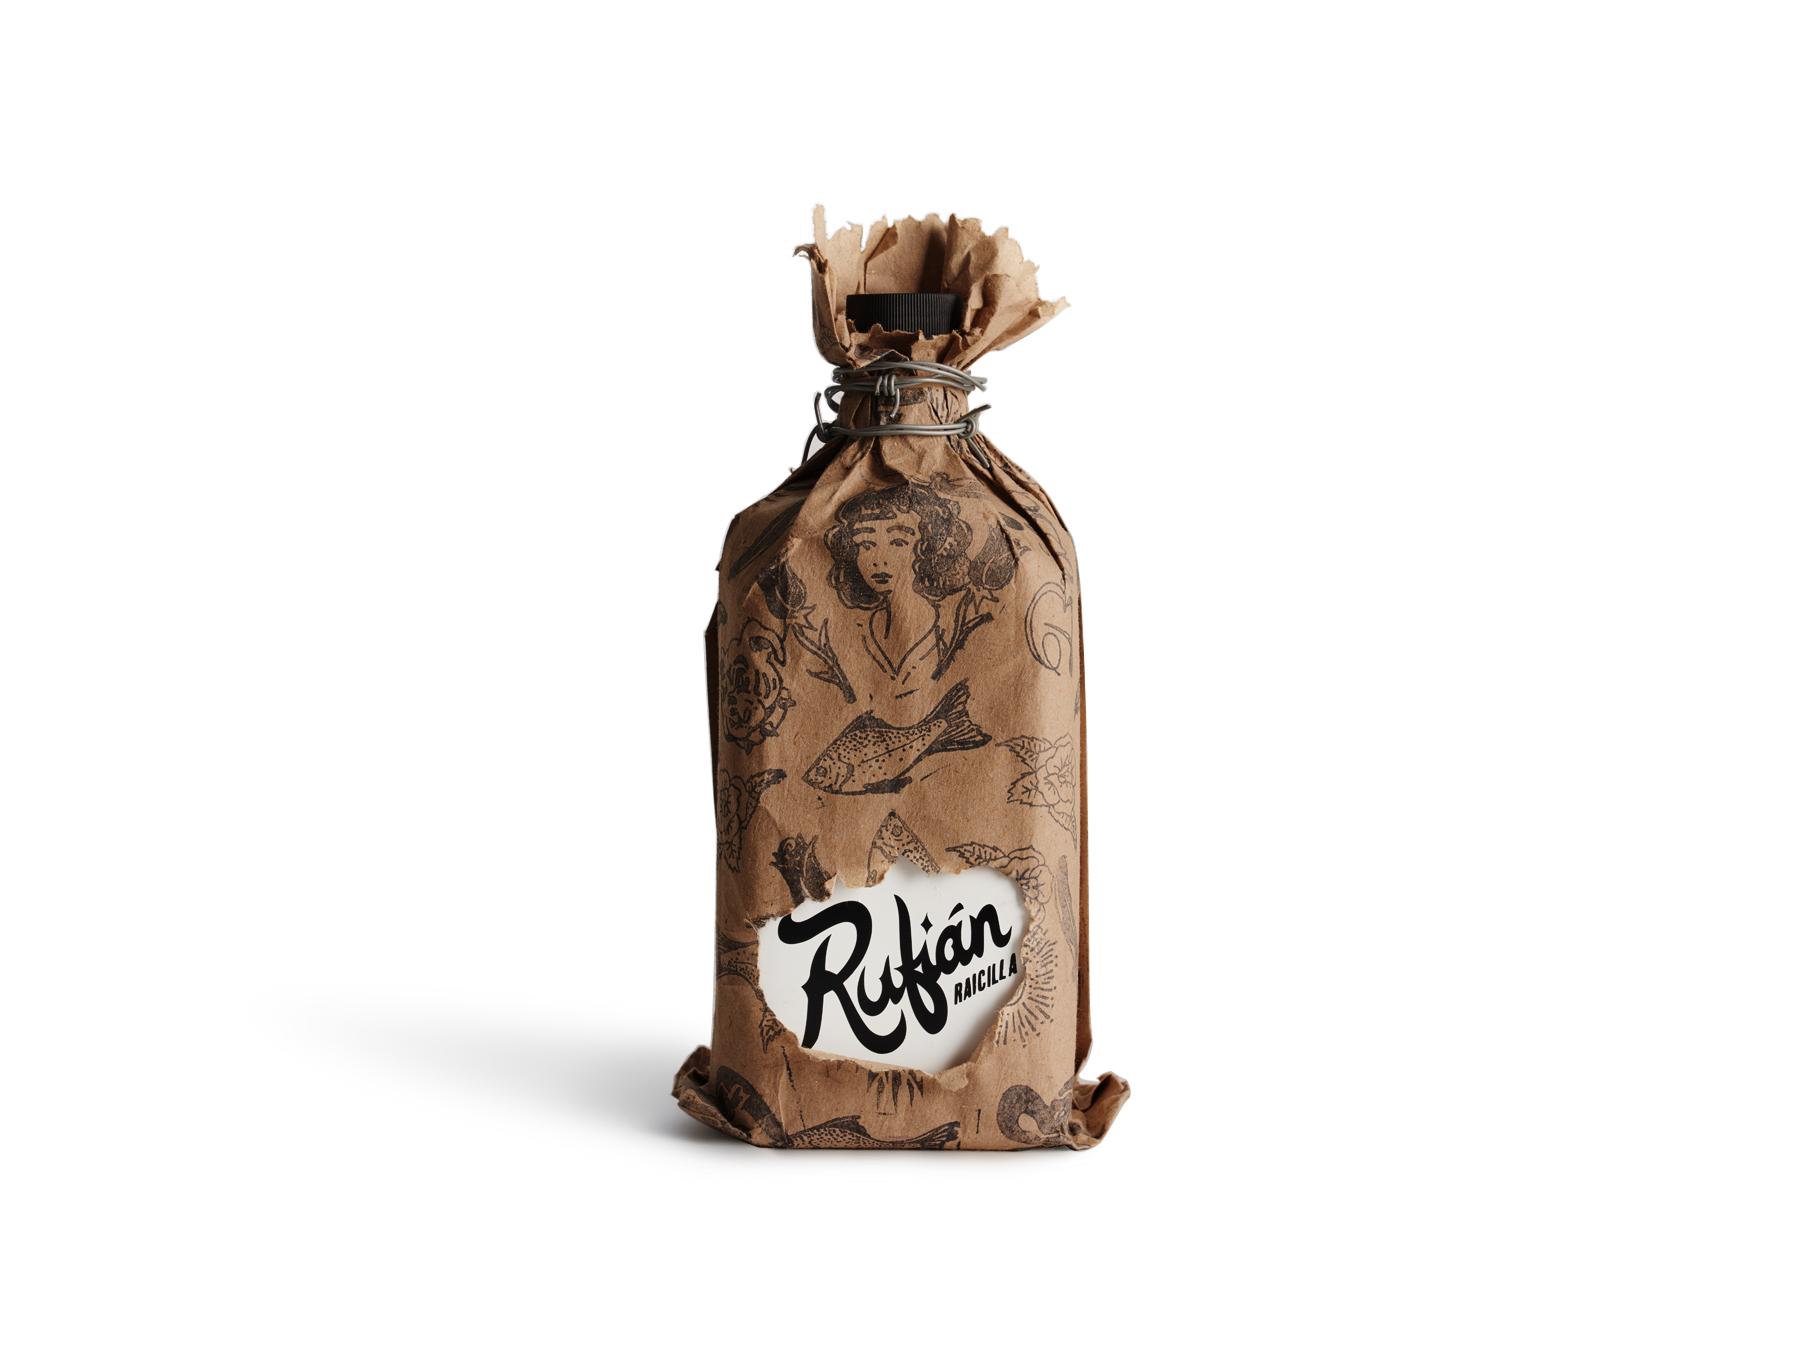 rufian_productshot